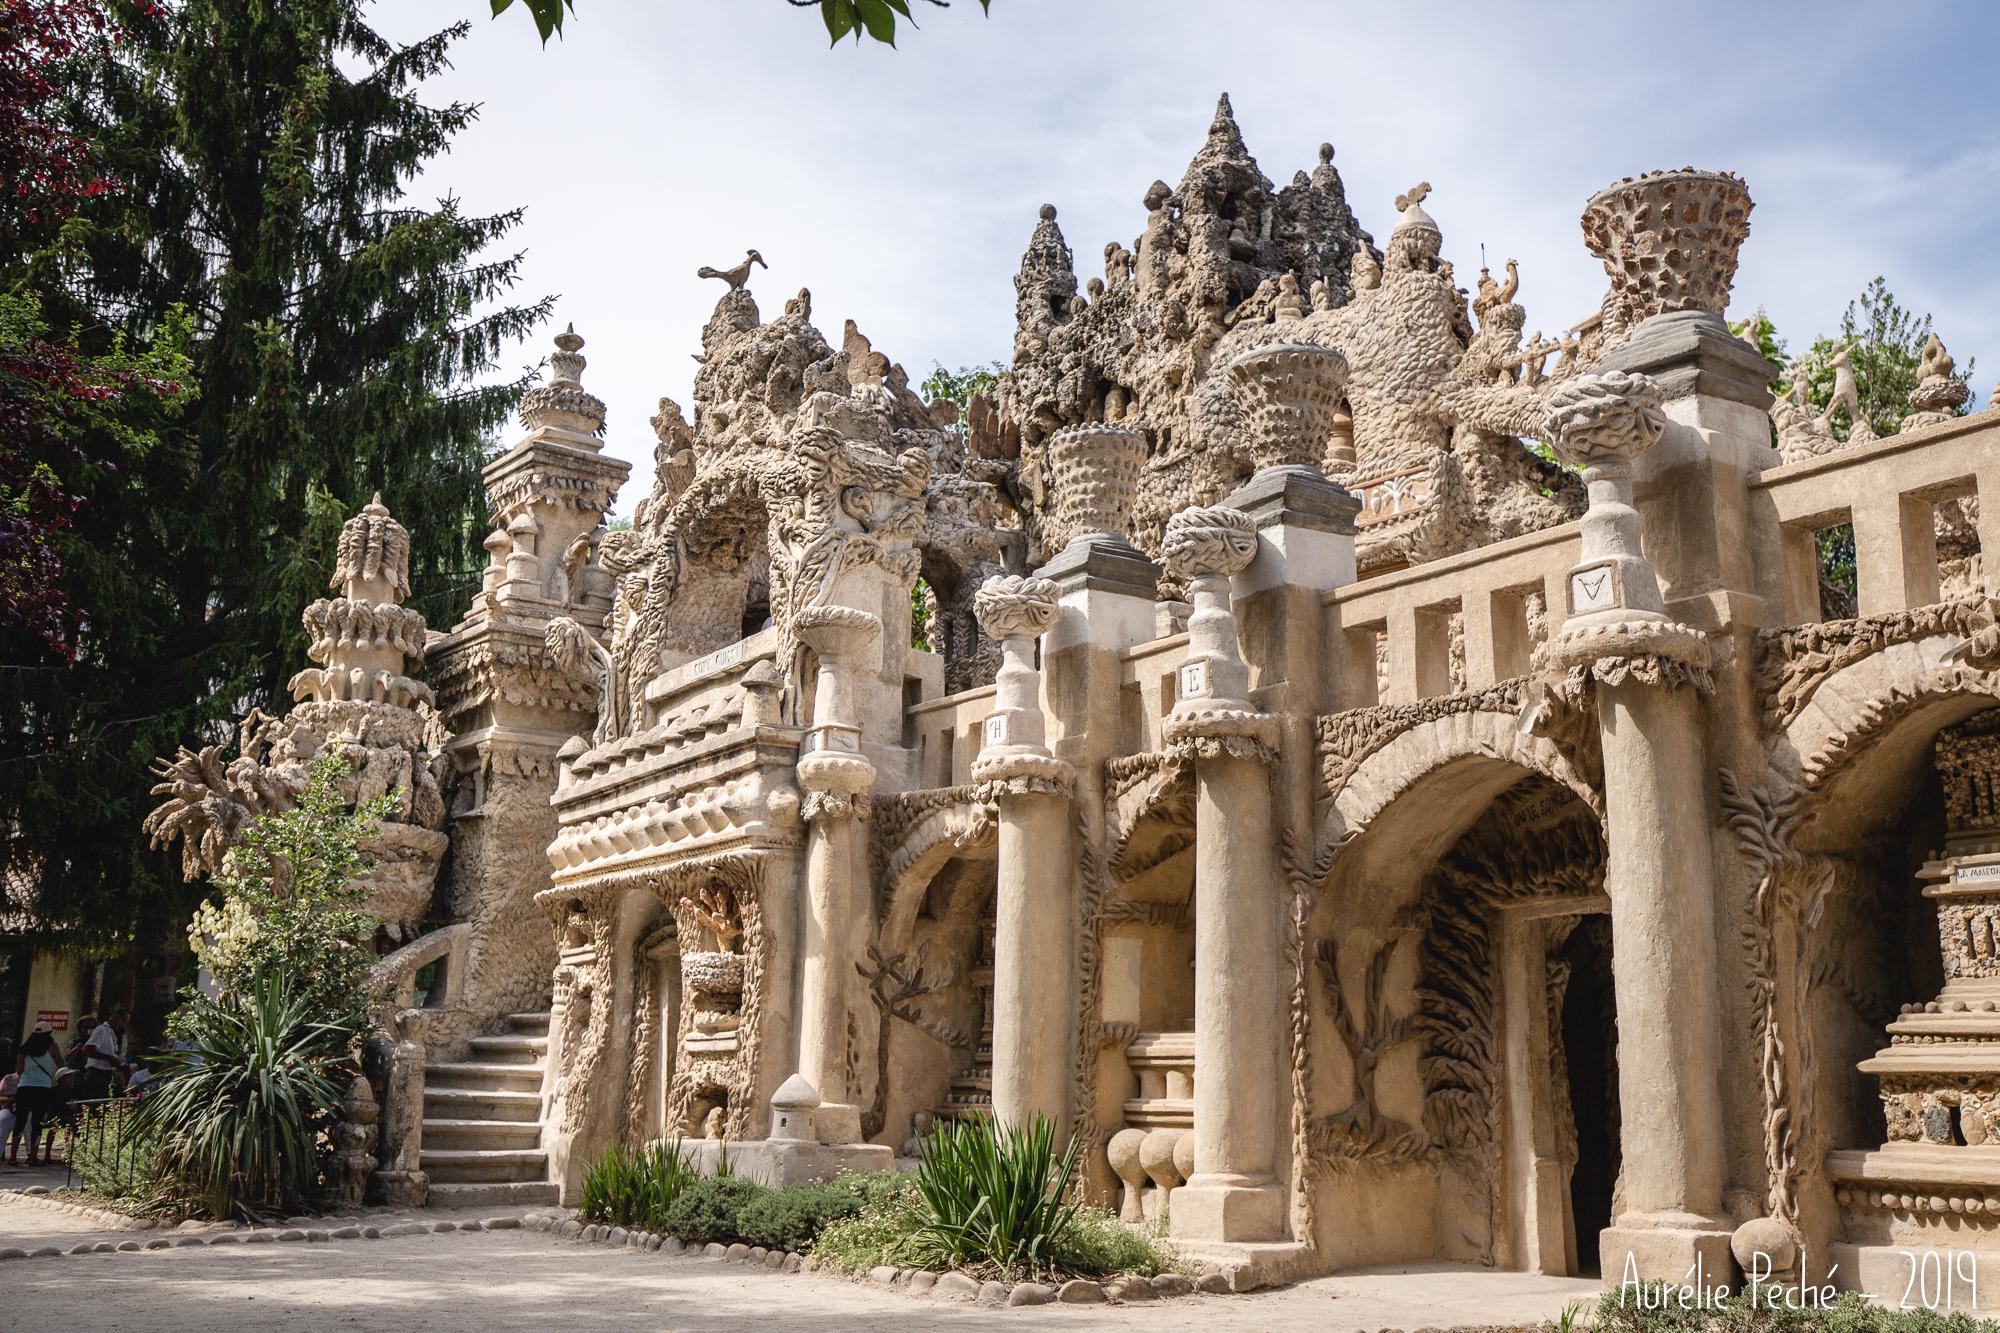 Palais idéal du facteur Cheval